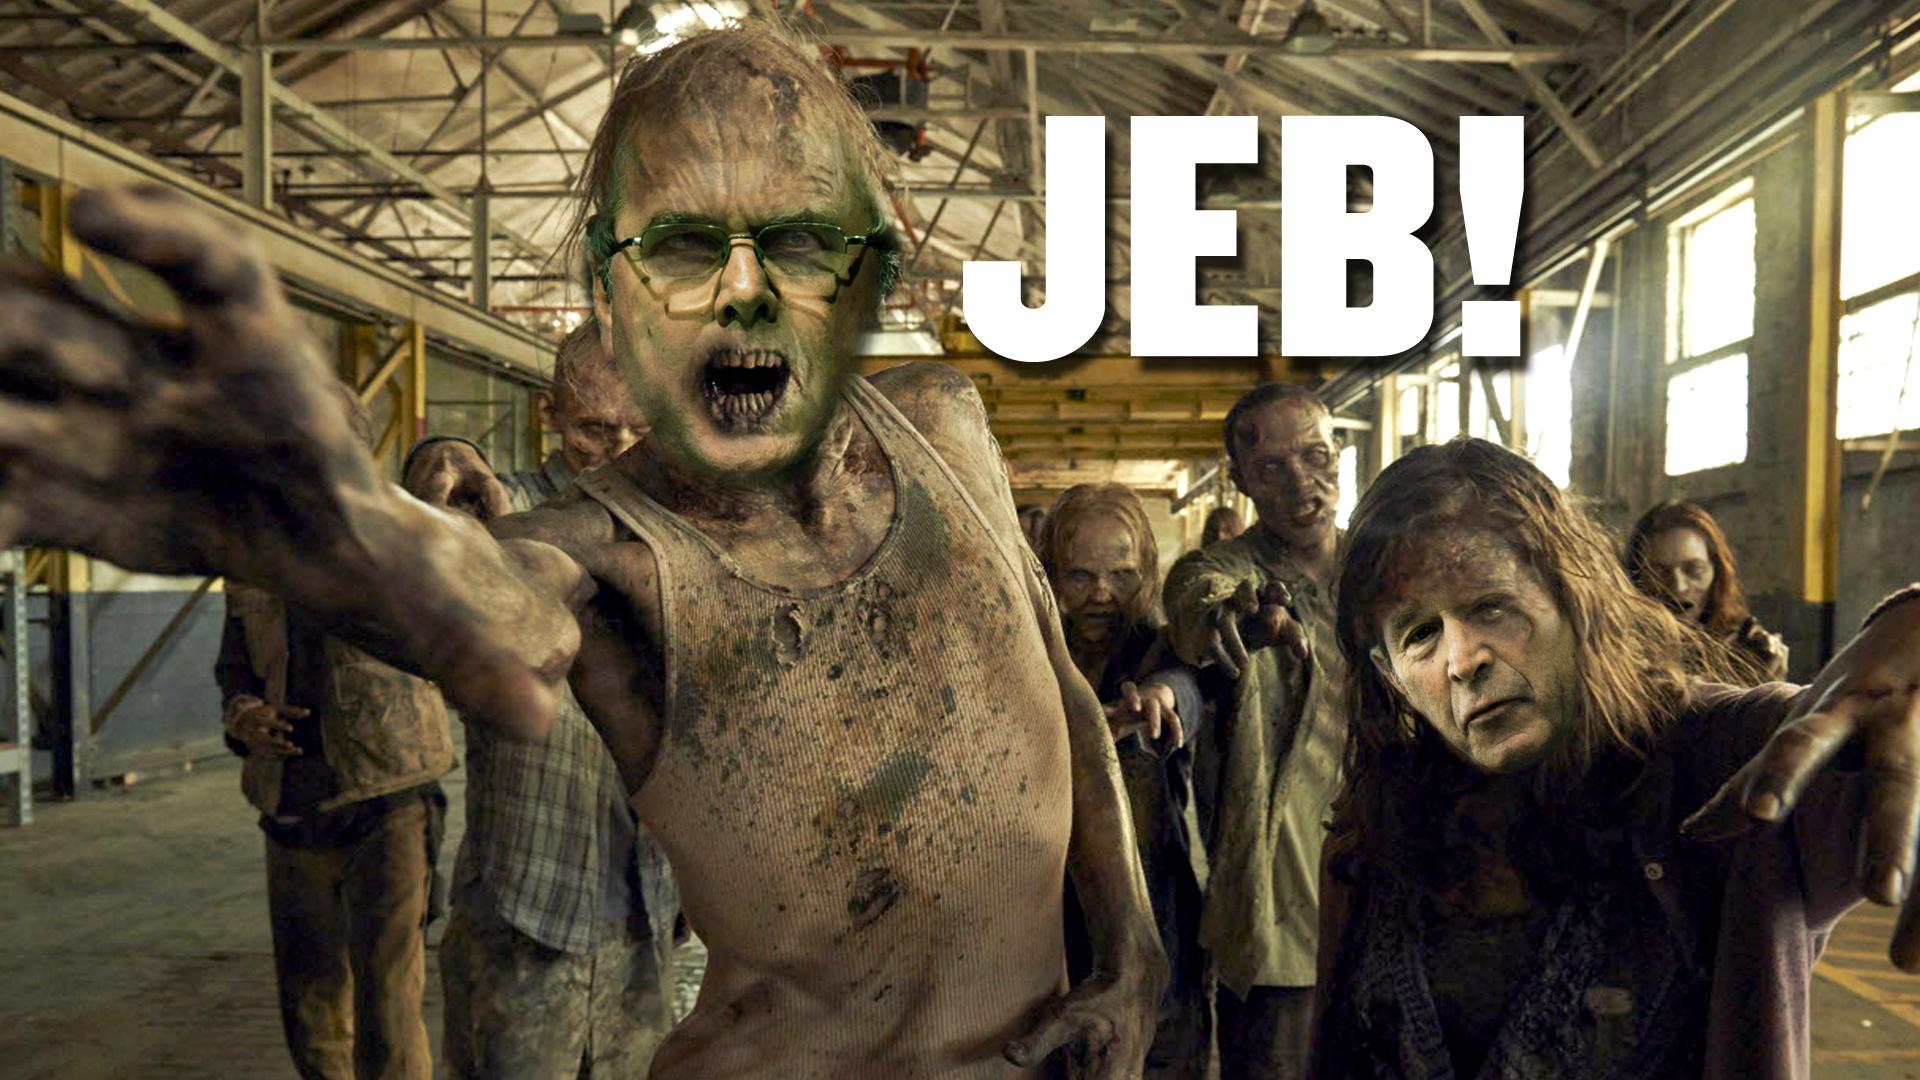 Jeb Walking Dead